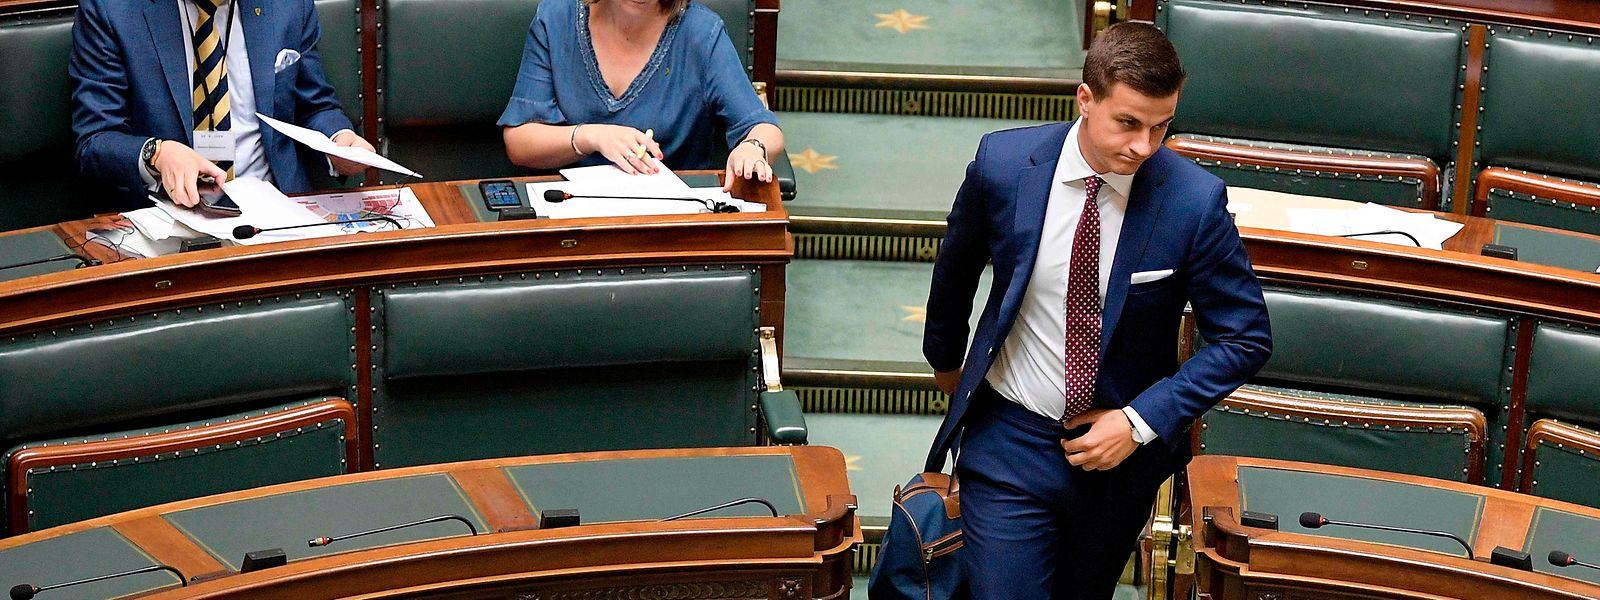 Le député Vlaams Belang Dries Van Langenhove a été inculpé en 2019 d'infractions à la loi sur le racisme. Il est l'étoile montante de l'extrême droite flamande.